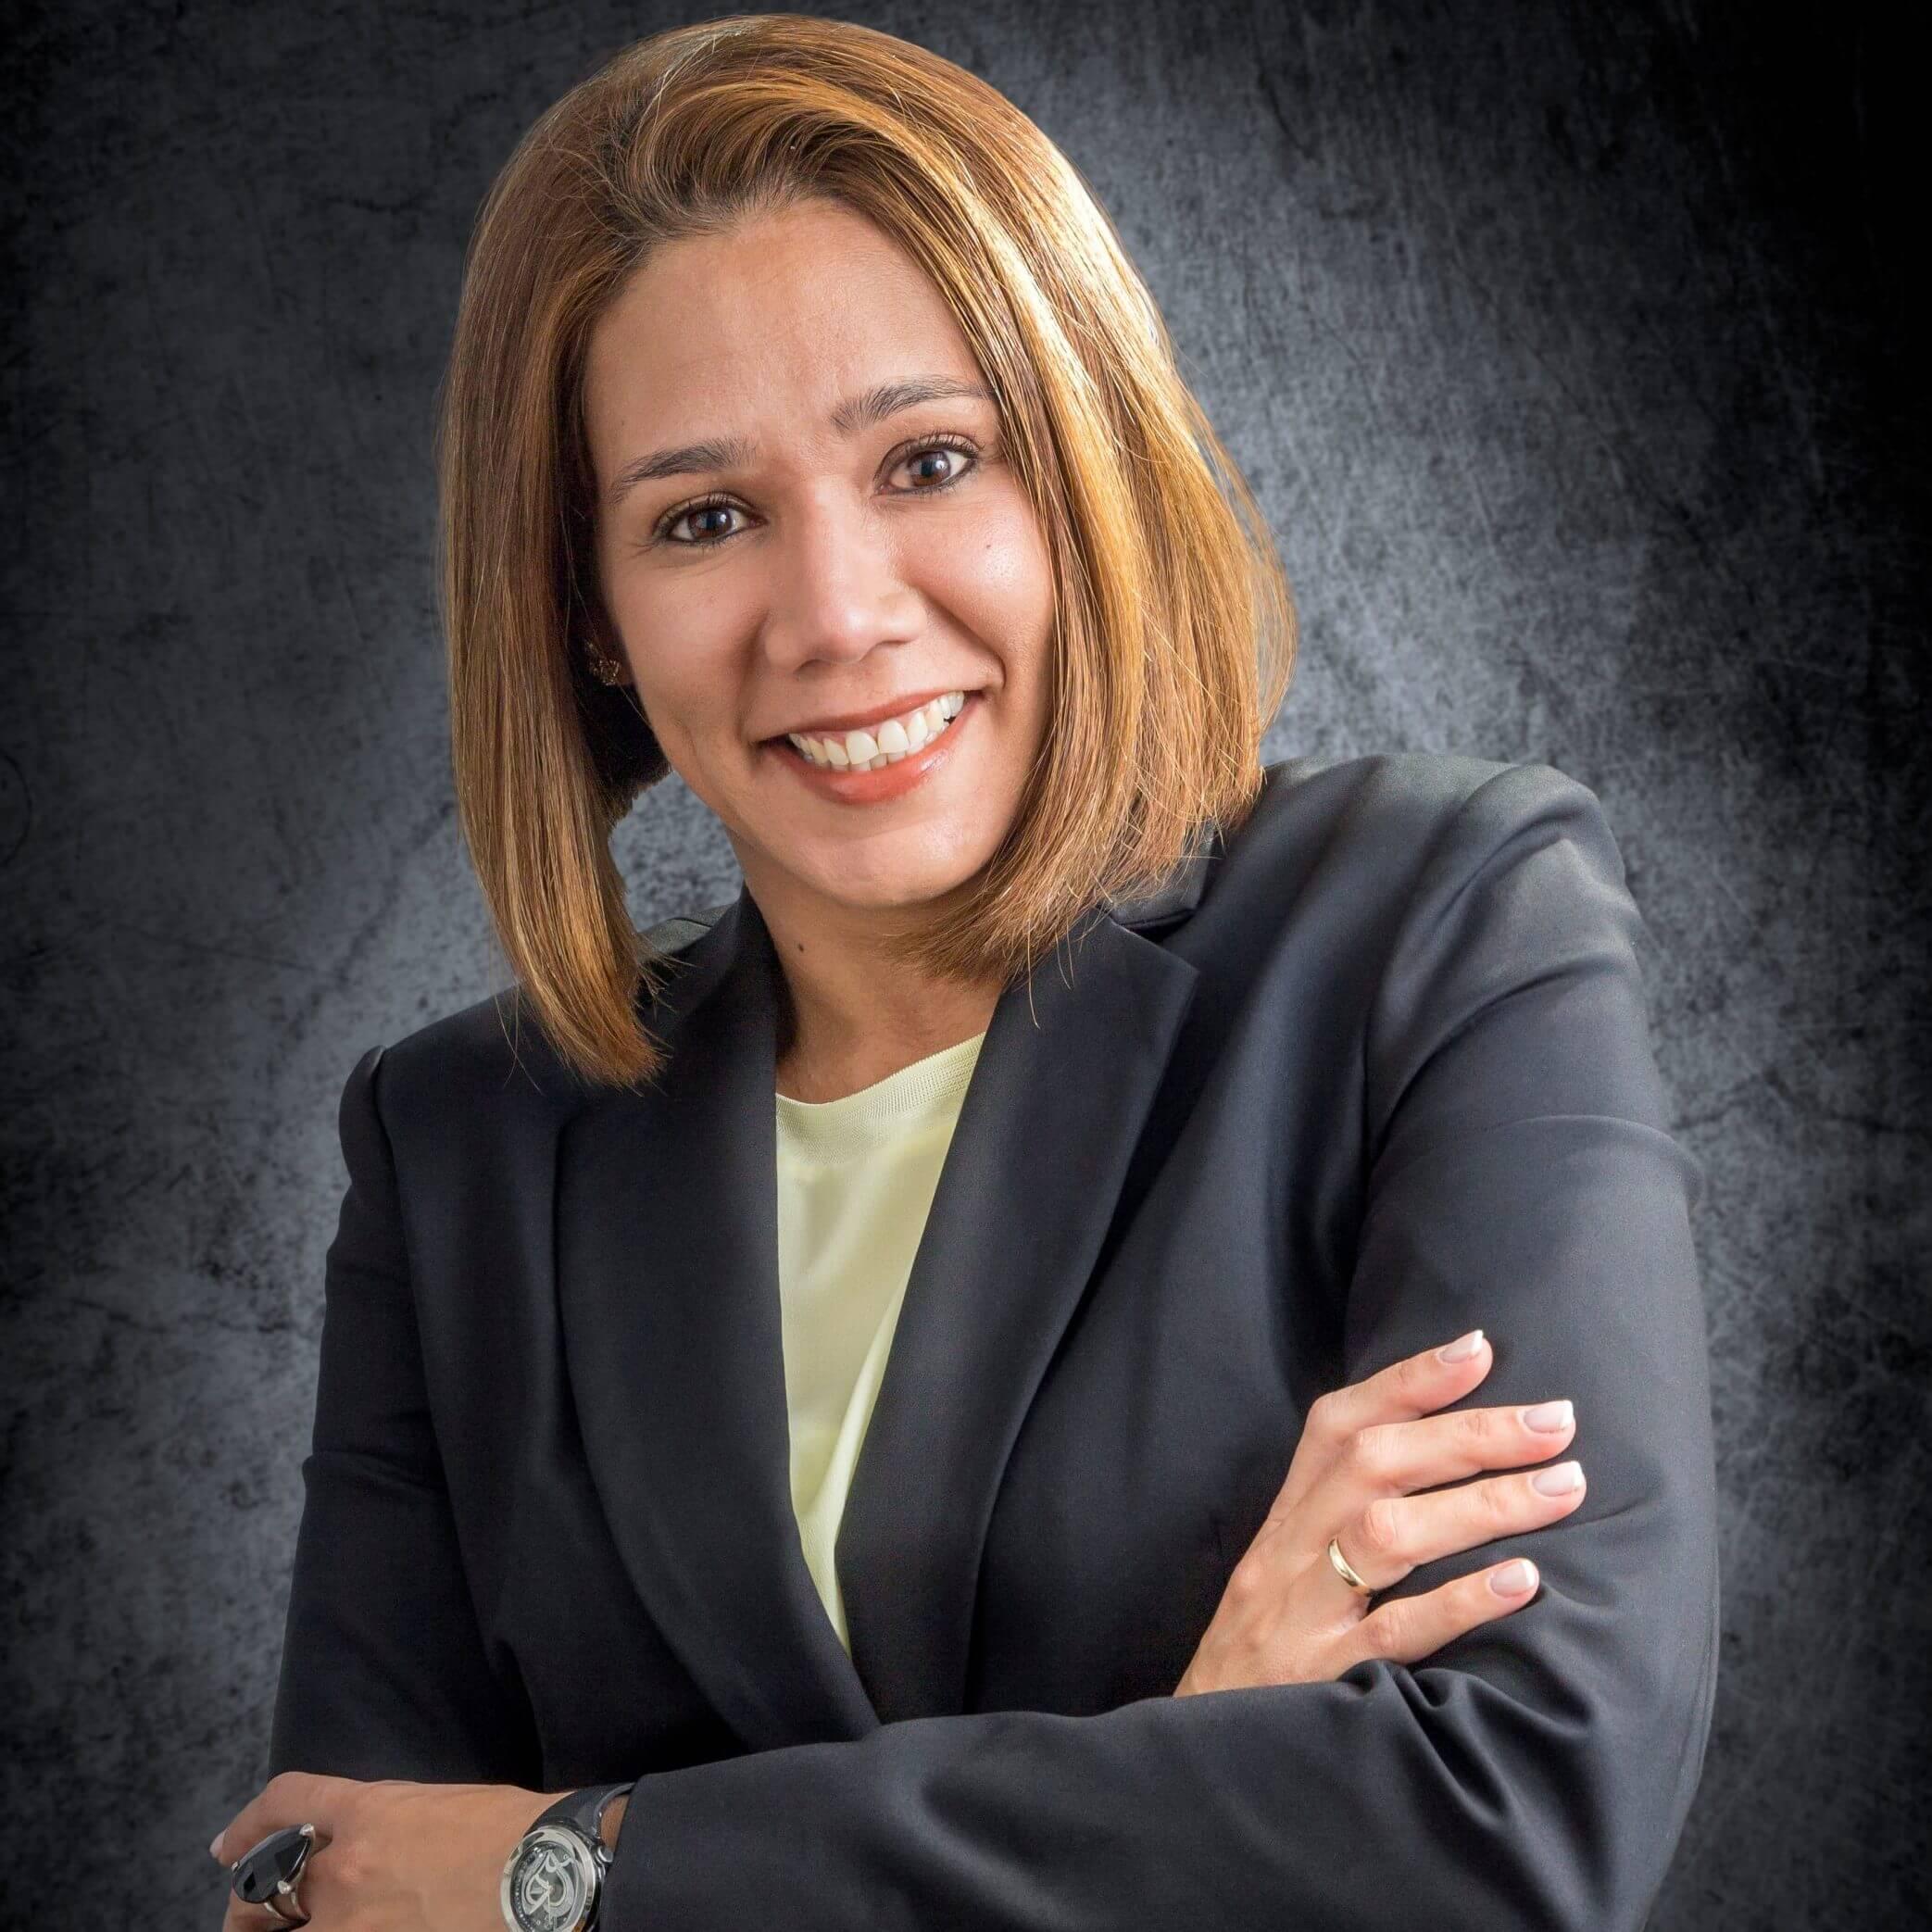 Yainet Gonzalez